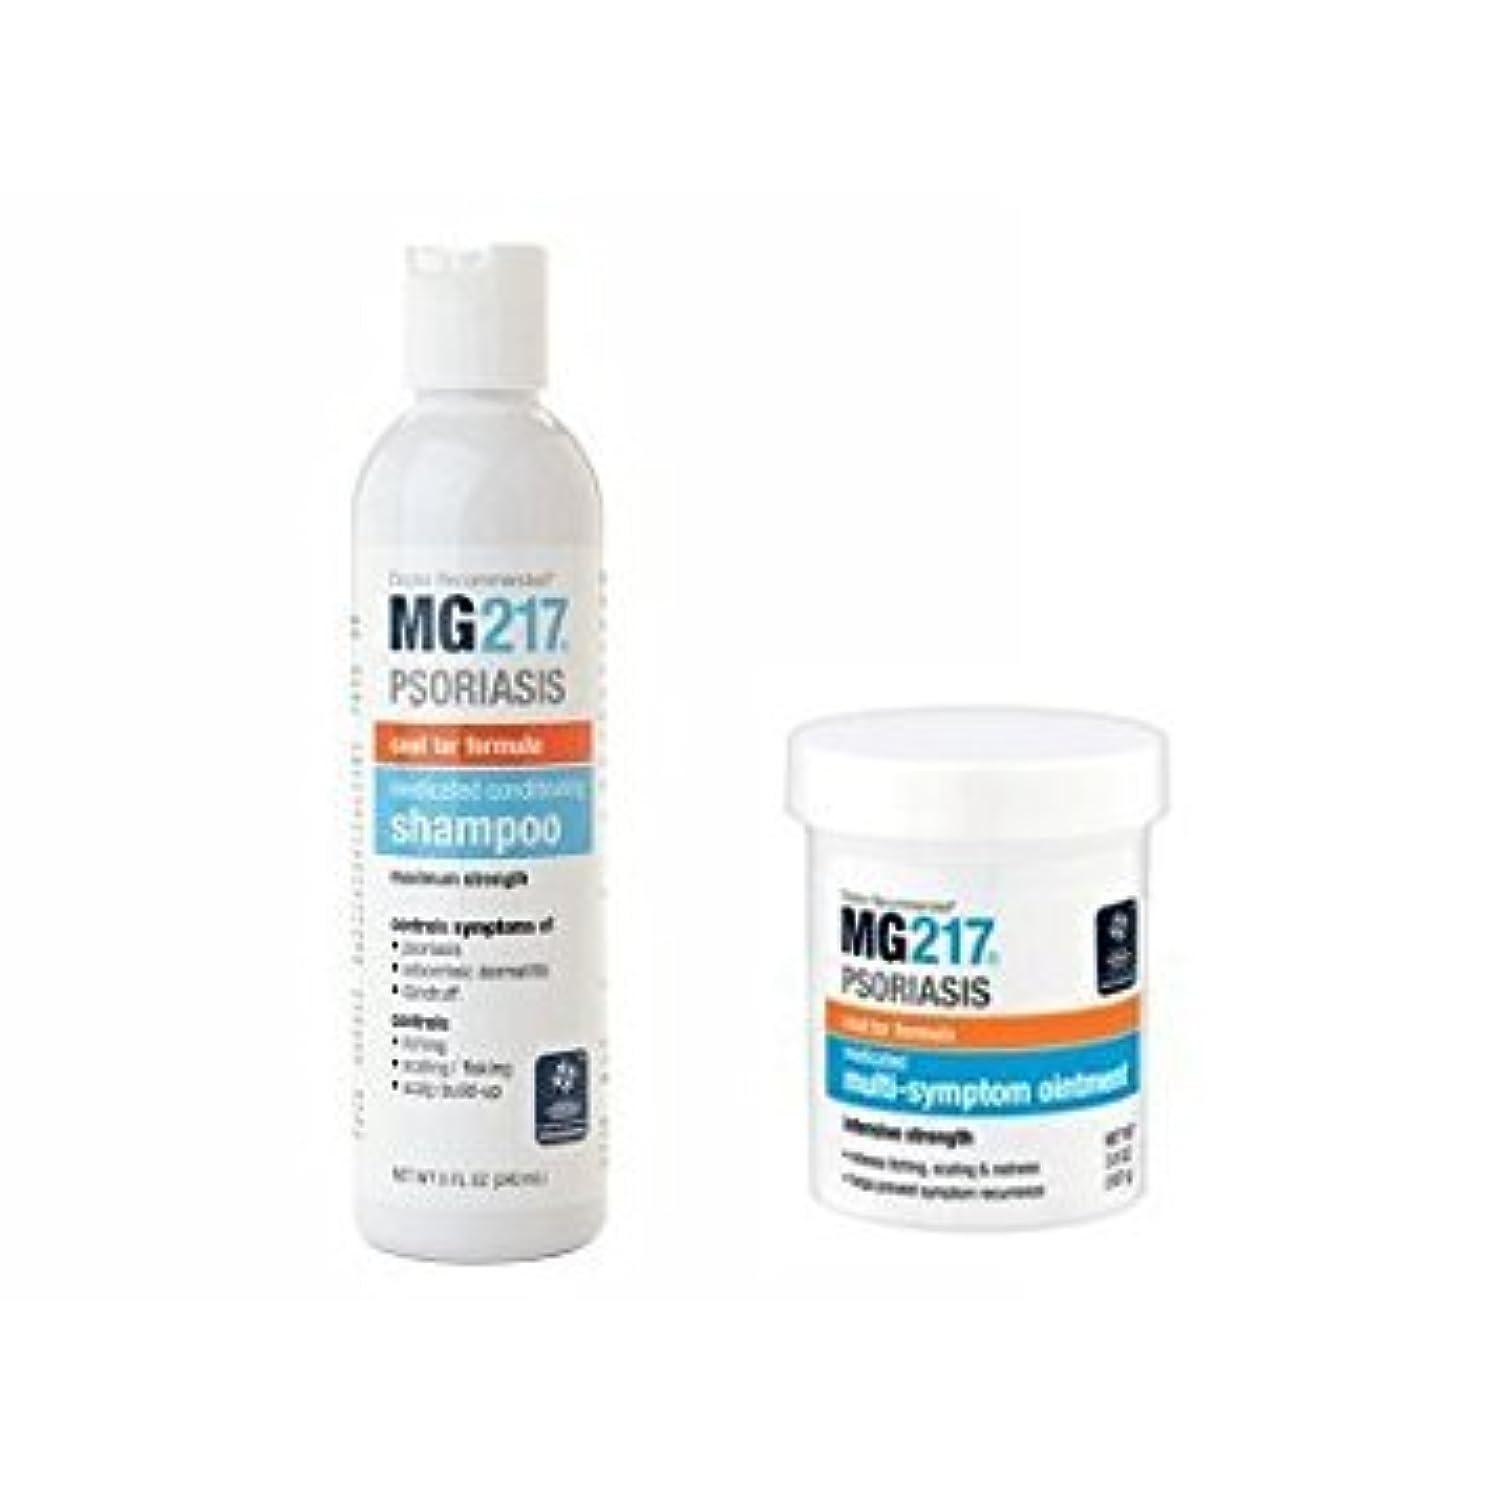 誠実さ主にまあ国際乾癬協会推奨商品 乾癬用 MG217 シャンプー&軟膏セット 240ml/107ml Psoriasis Medicated Conditioning Shampoo, MG217 Psoriasis Cream set...